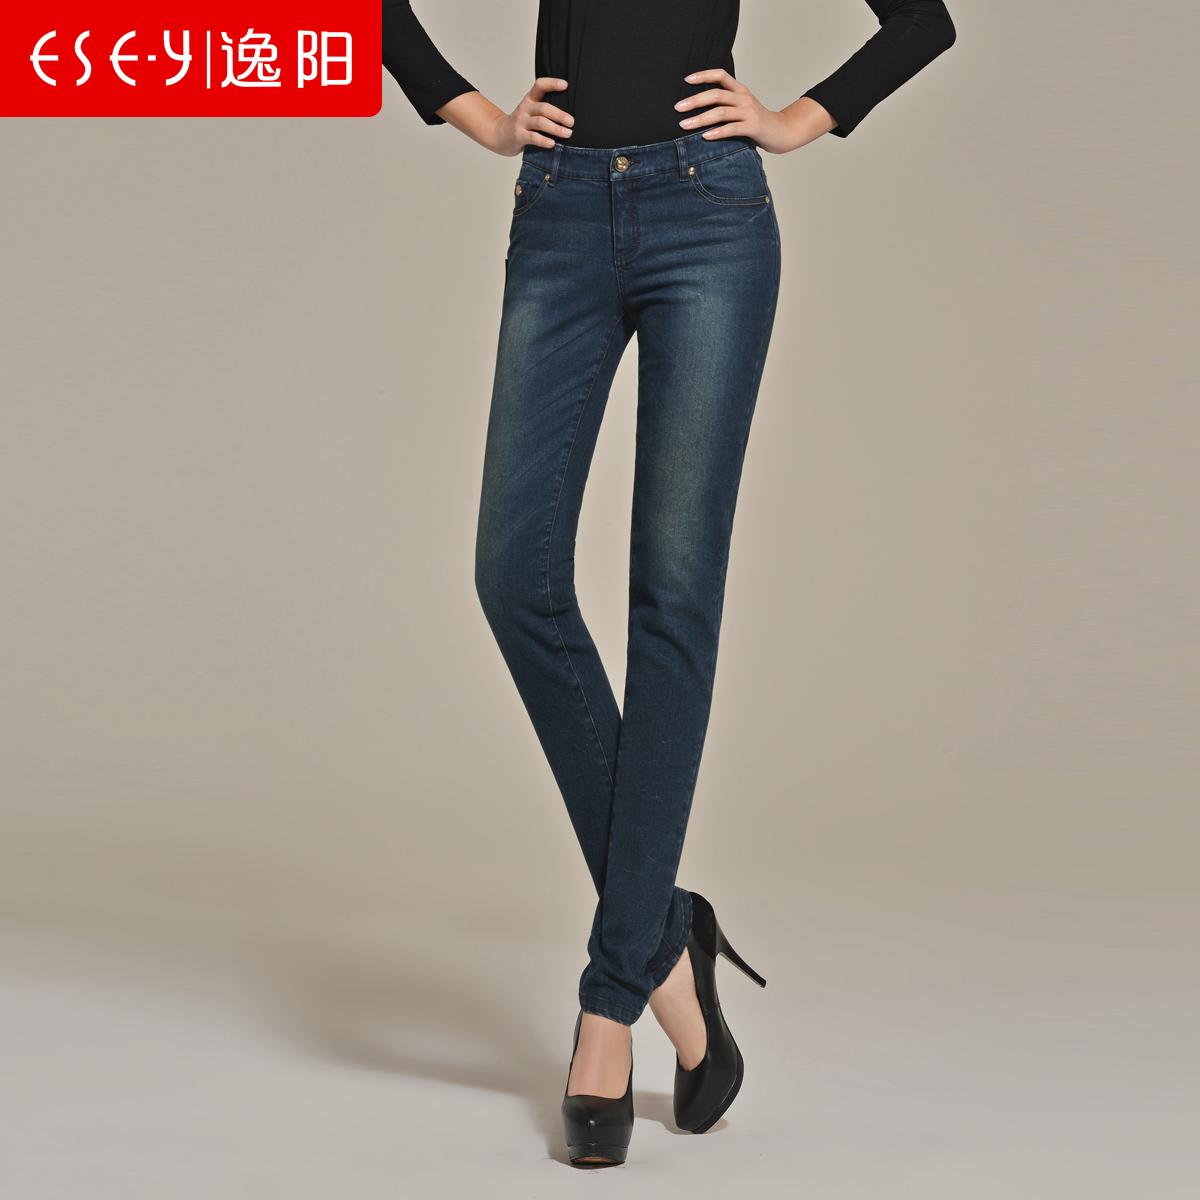 Джинсы женские Ese y es0340x 0340X Ese · y / Yi Yang